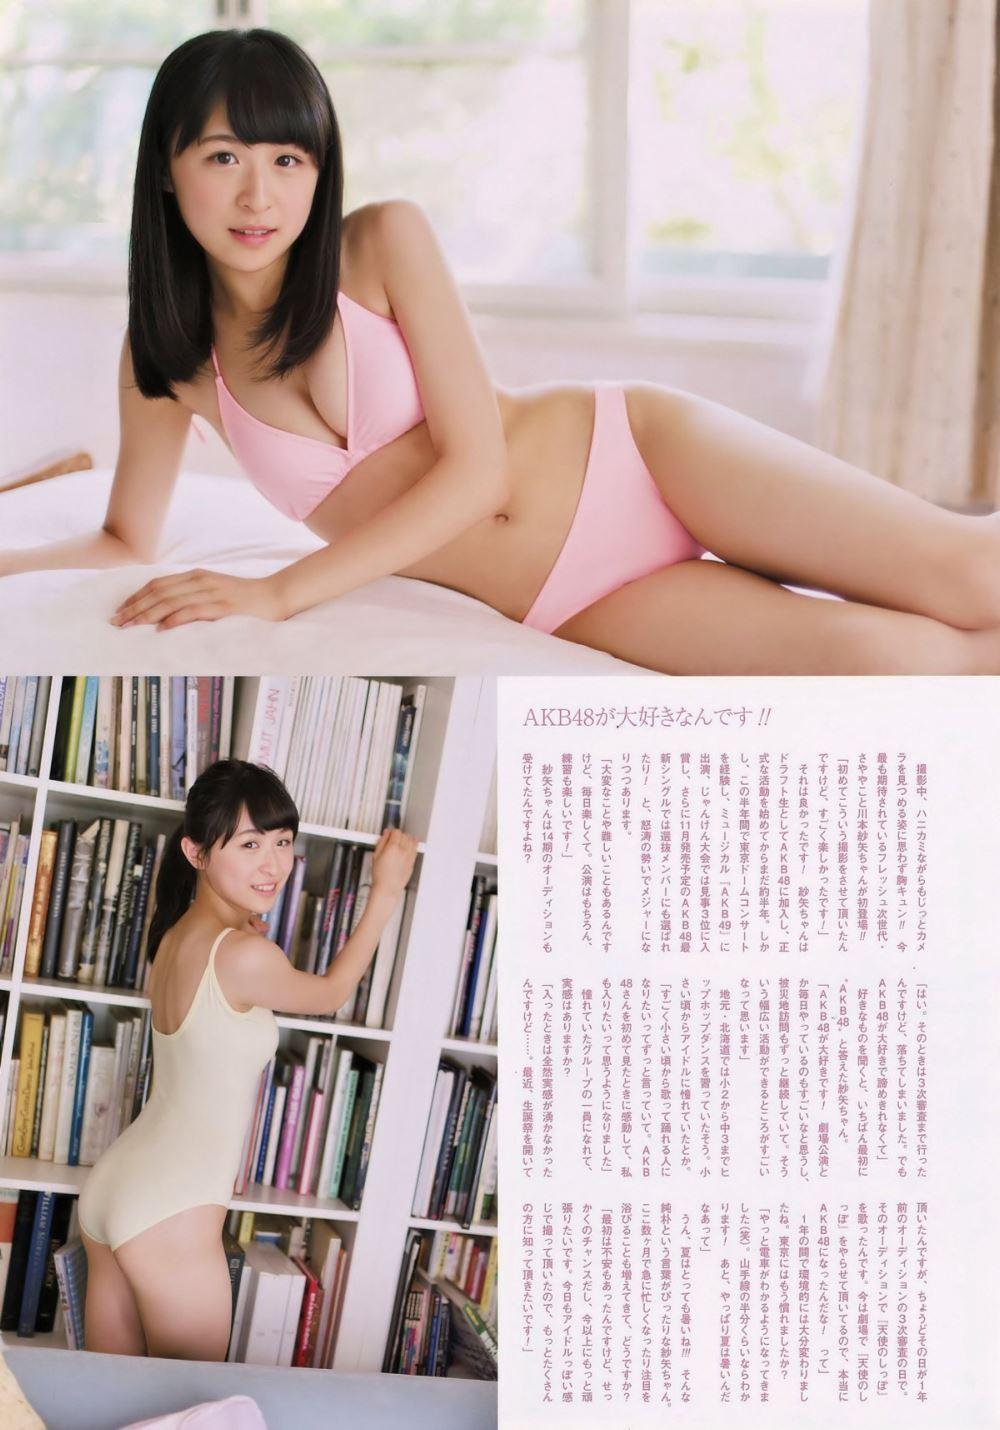 川本紗矢 画像 64